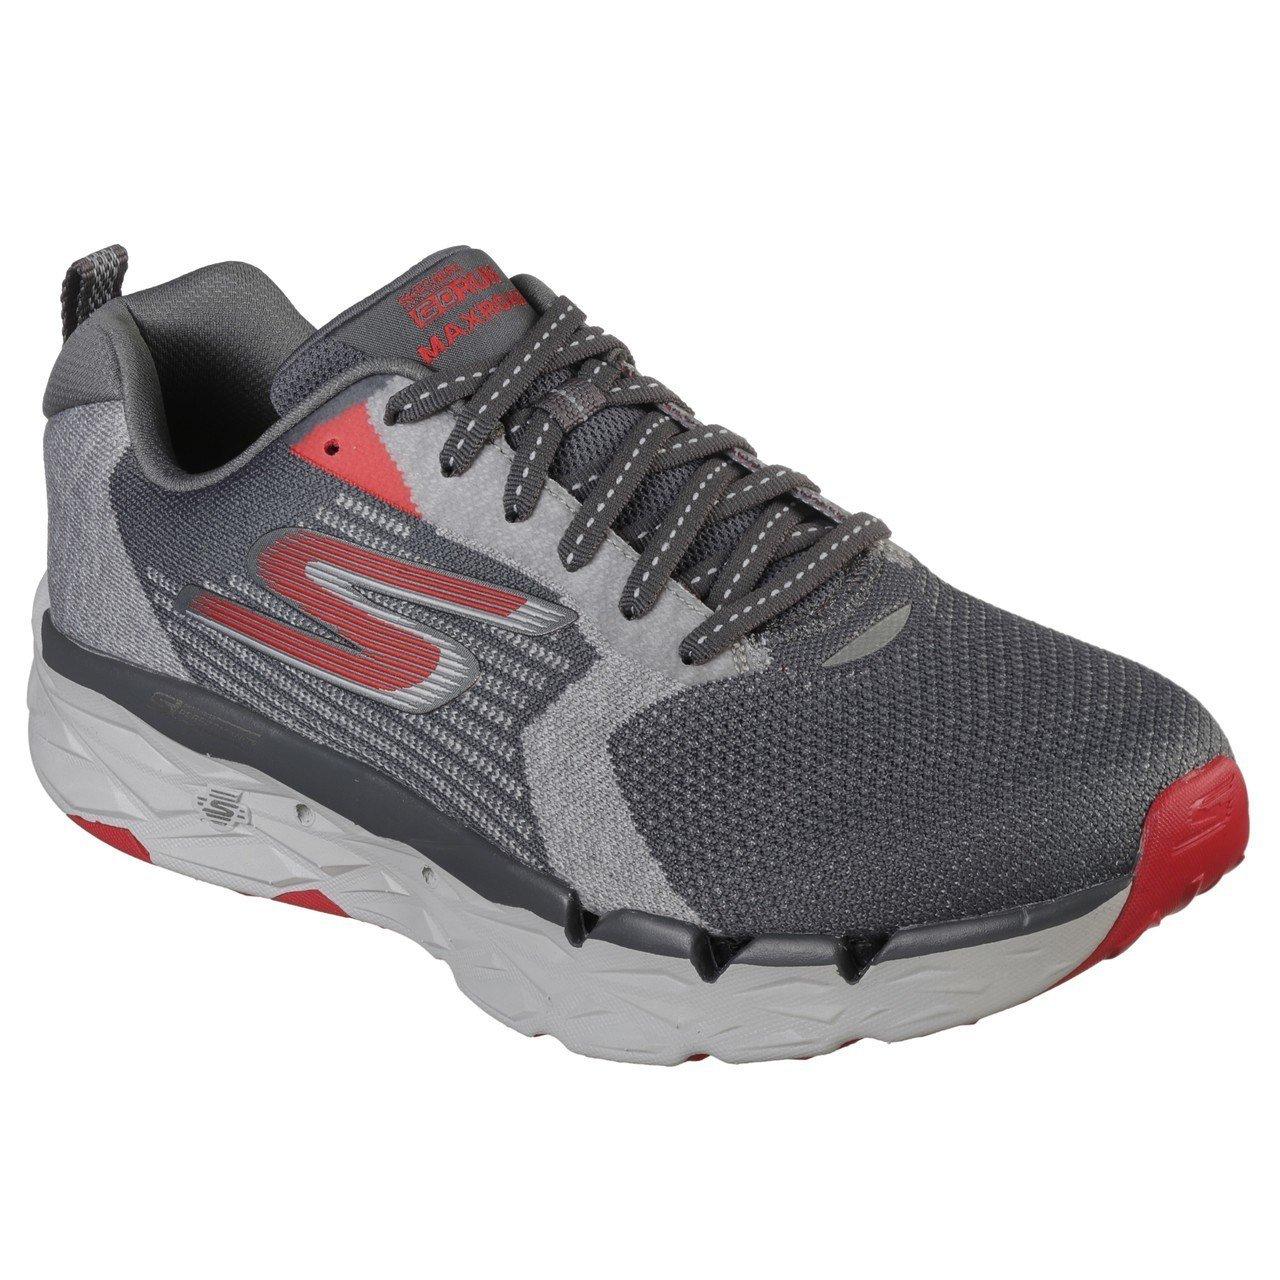 Skechers Men's GOrun MaxRoad 3 Ultra Shoe B07B9HBWFB 10.5 D(M) US|Charcoal